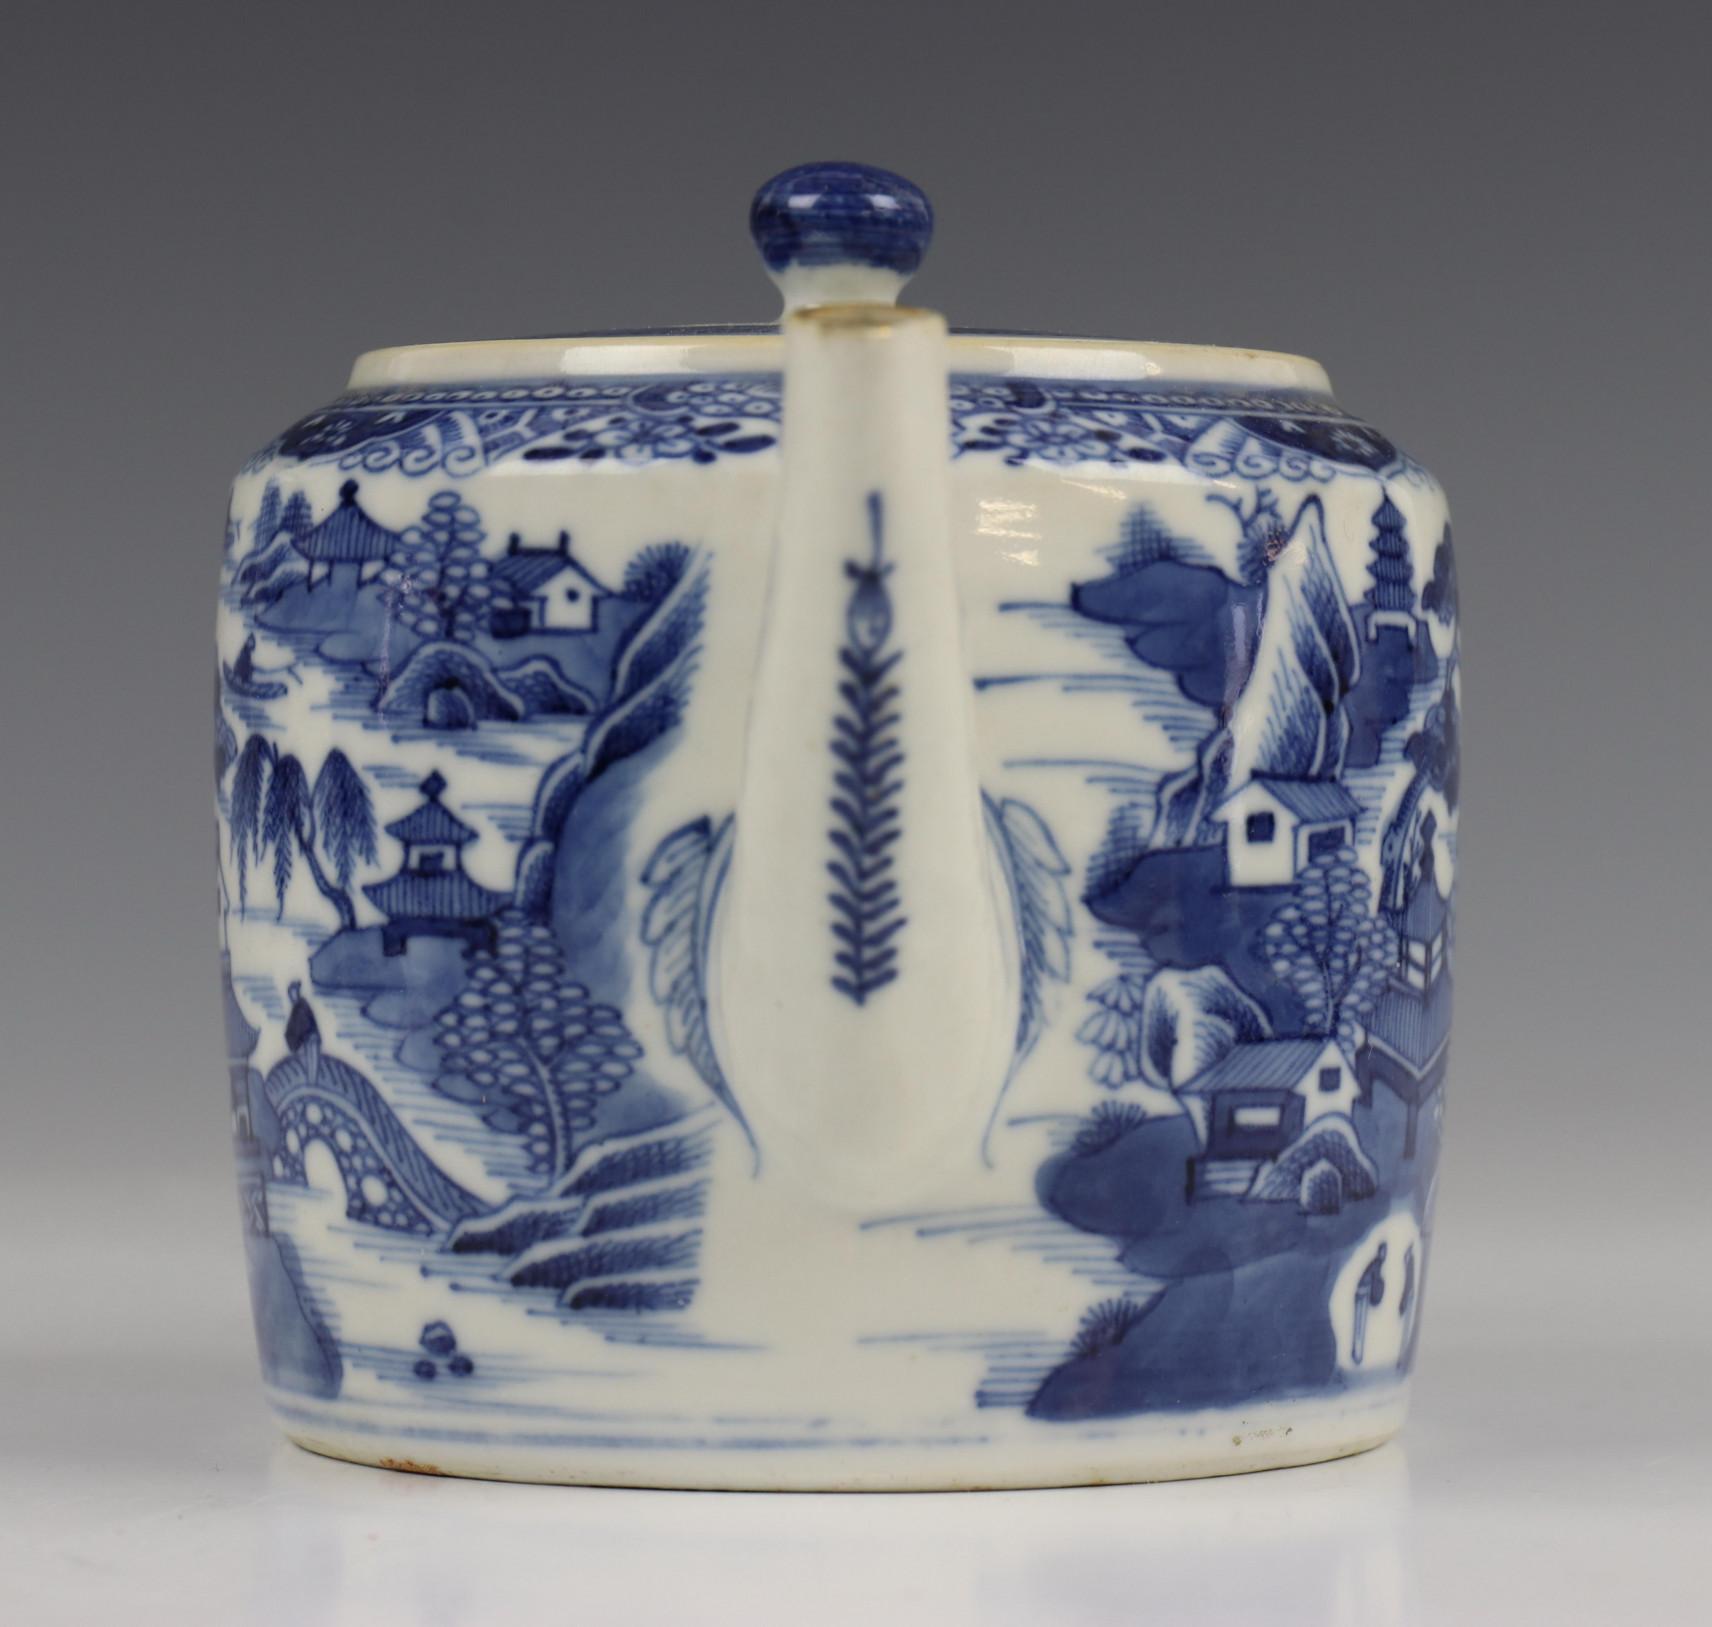 China, blauw-wit porseleinen trekpot, Imari trekpotje en melkkan, 18e eeuw, - Image 11 of 21